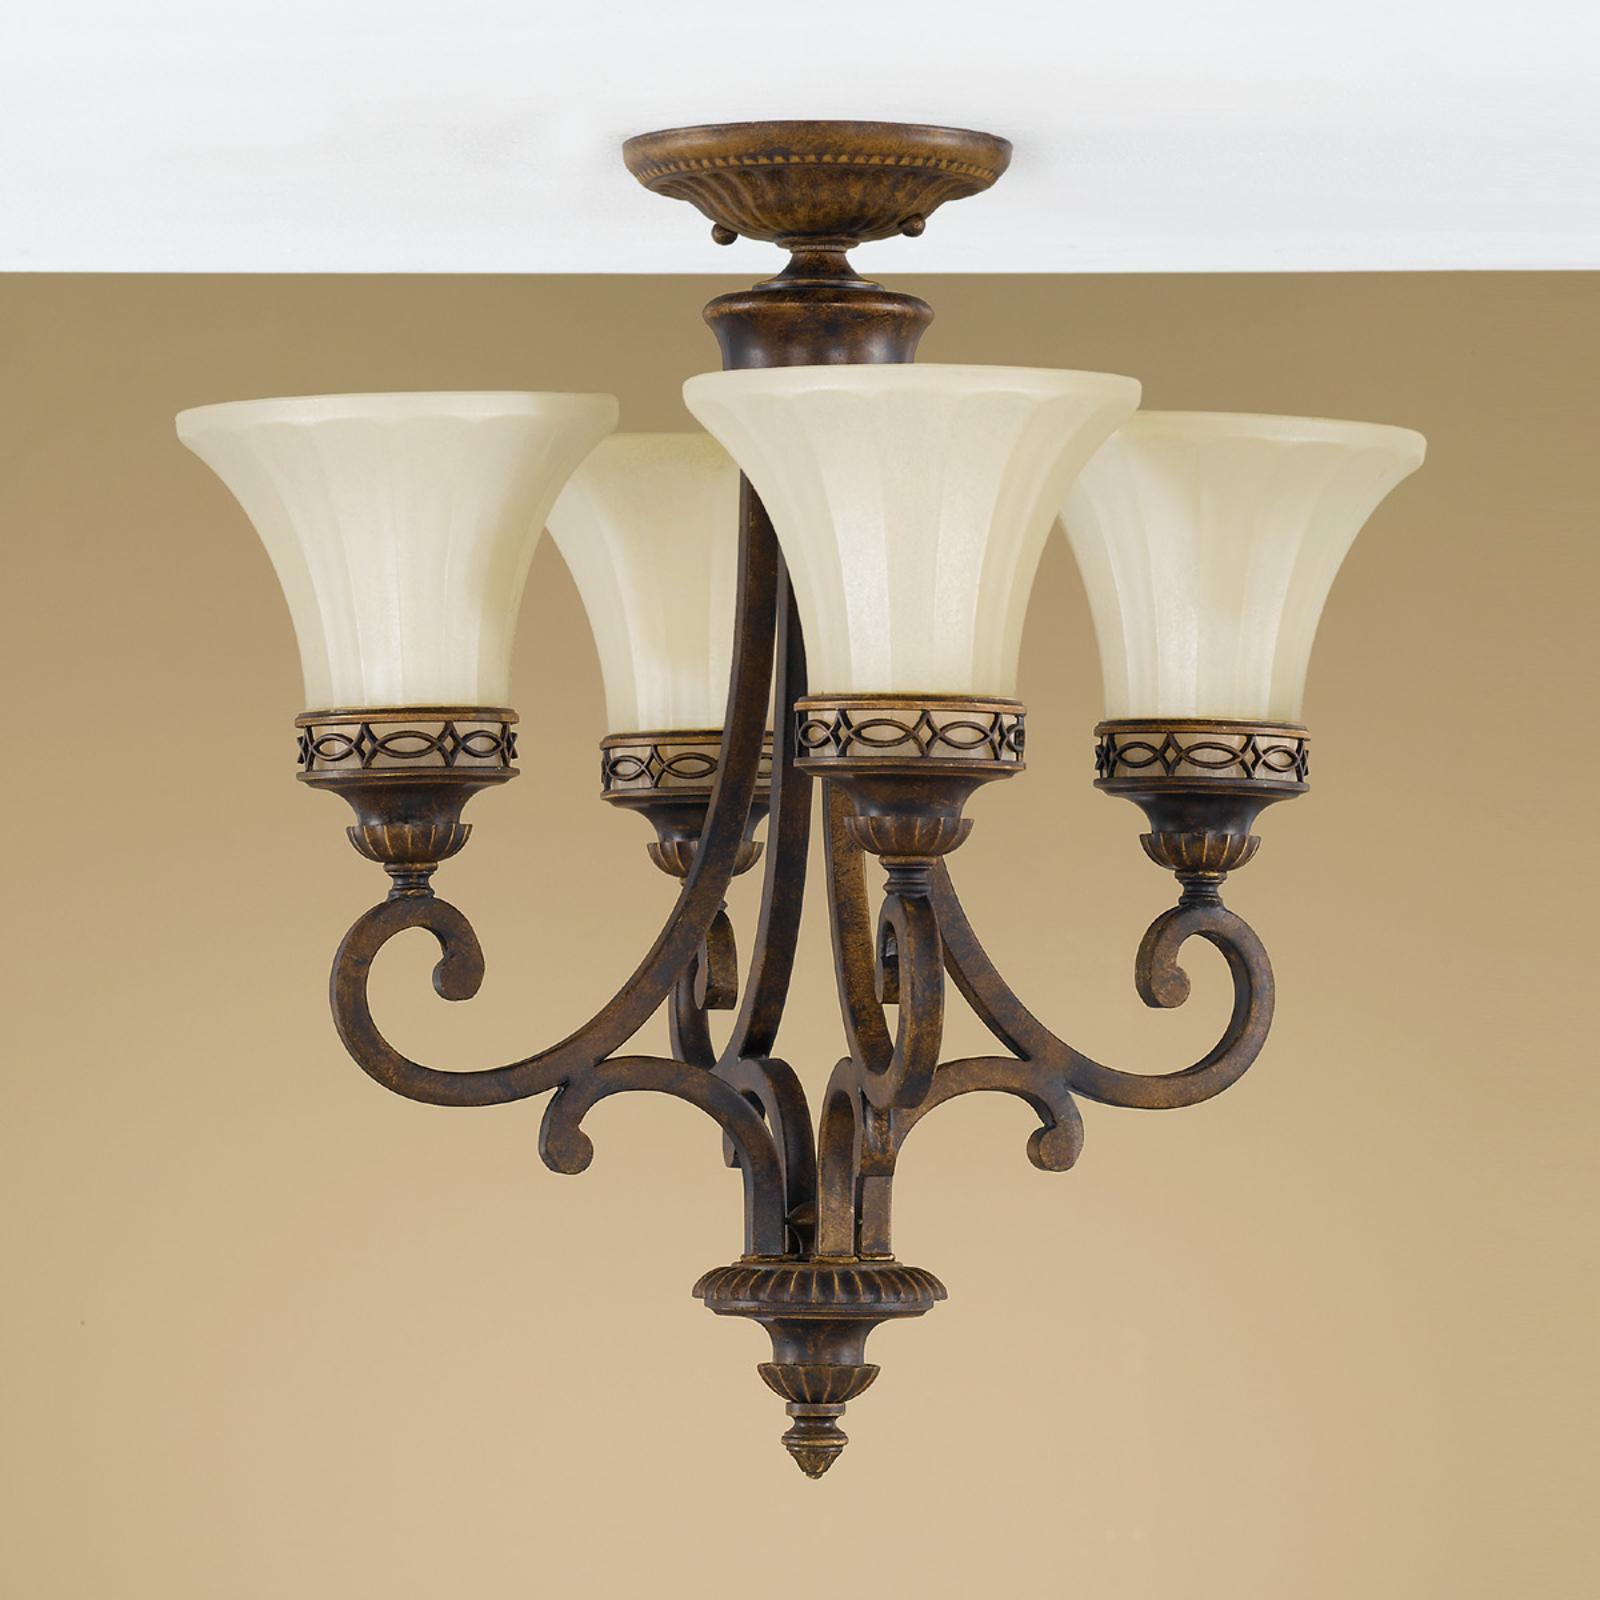 Závesná lampa Drawing Room, 4-plameňová_3048075_1